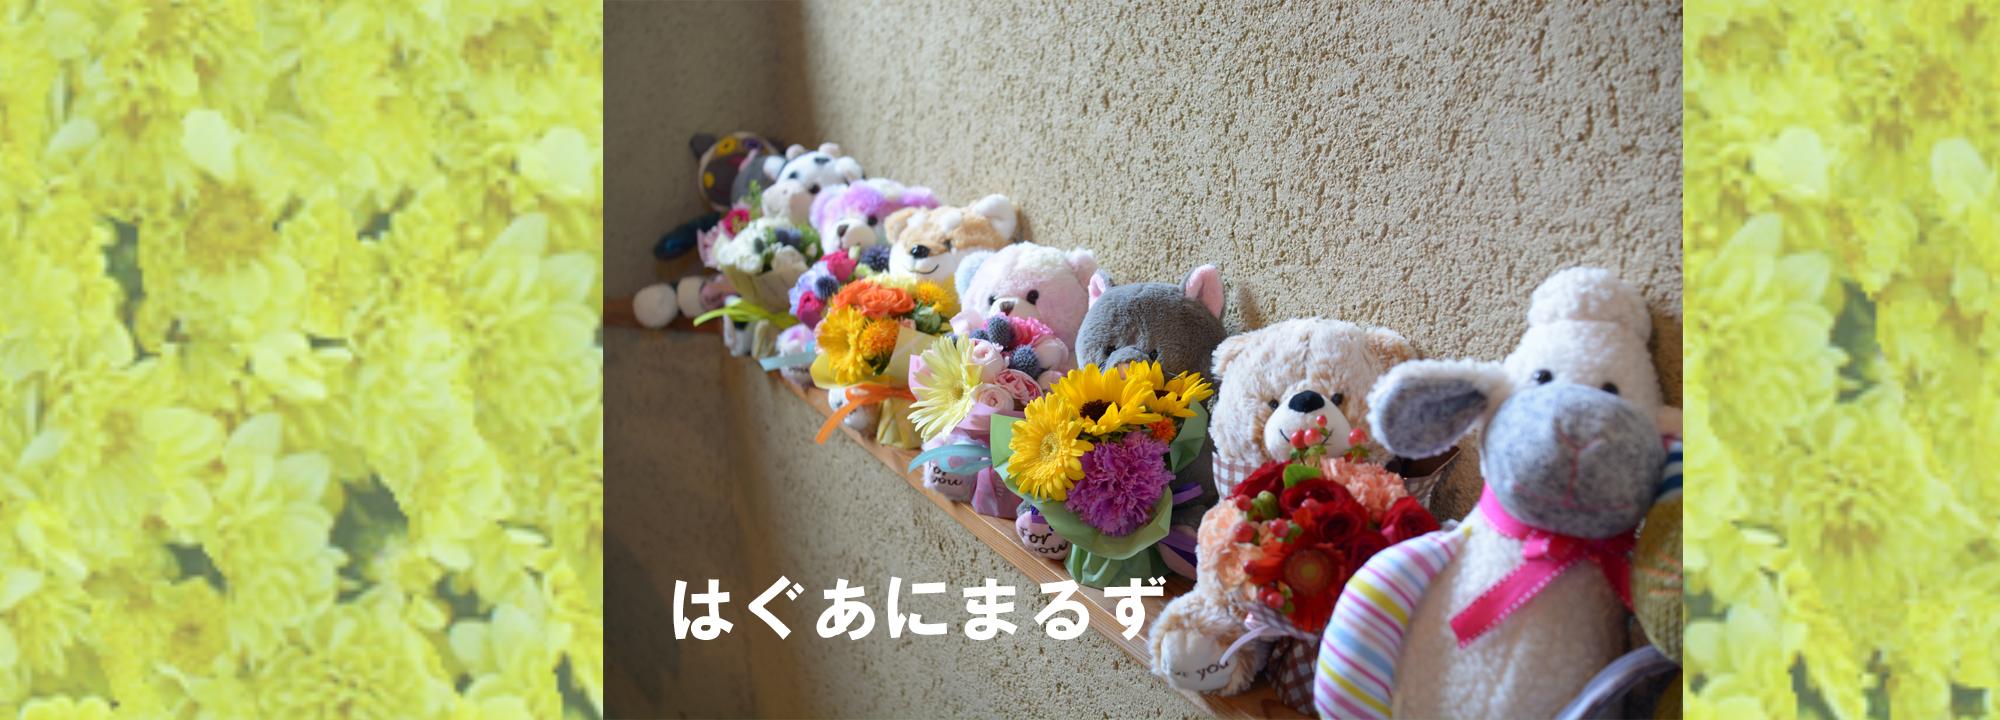 お花といっしょに<br>ハピネスギフト<br>HAG ANIMALS